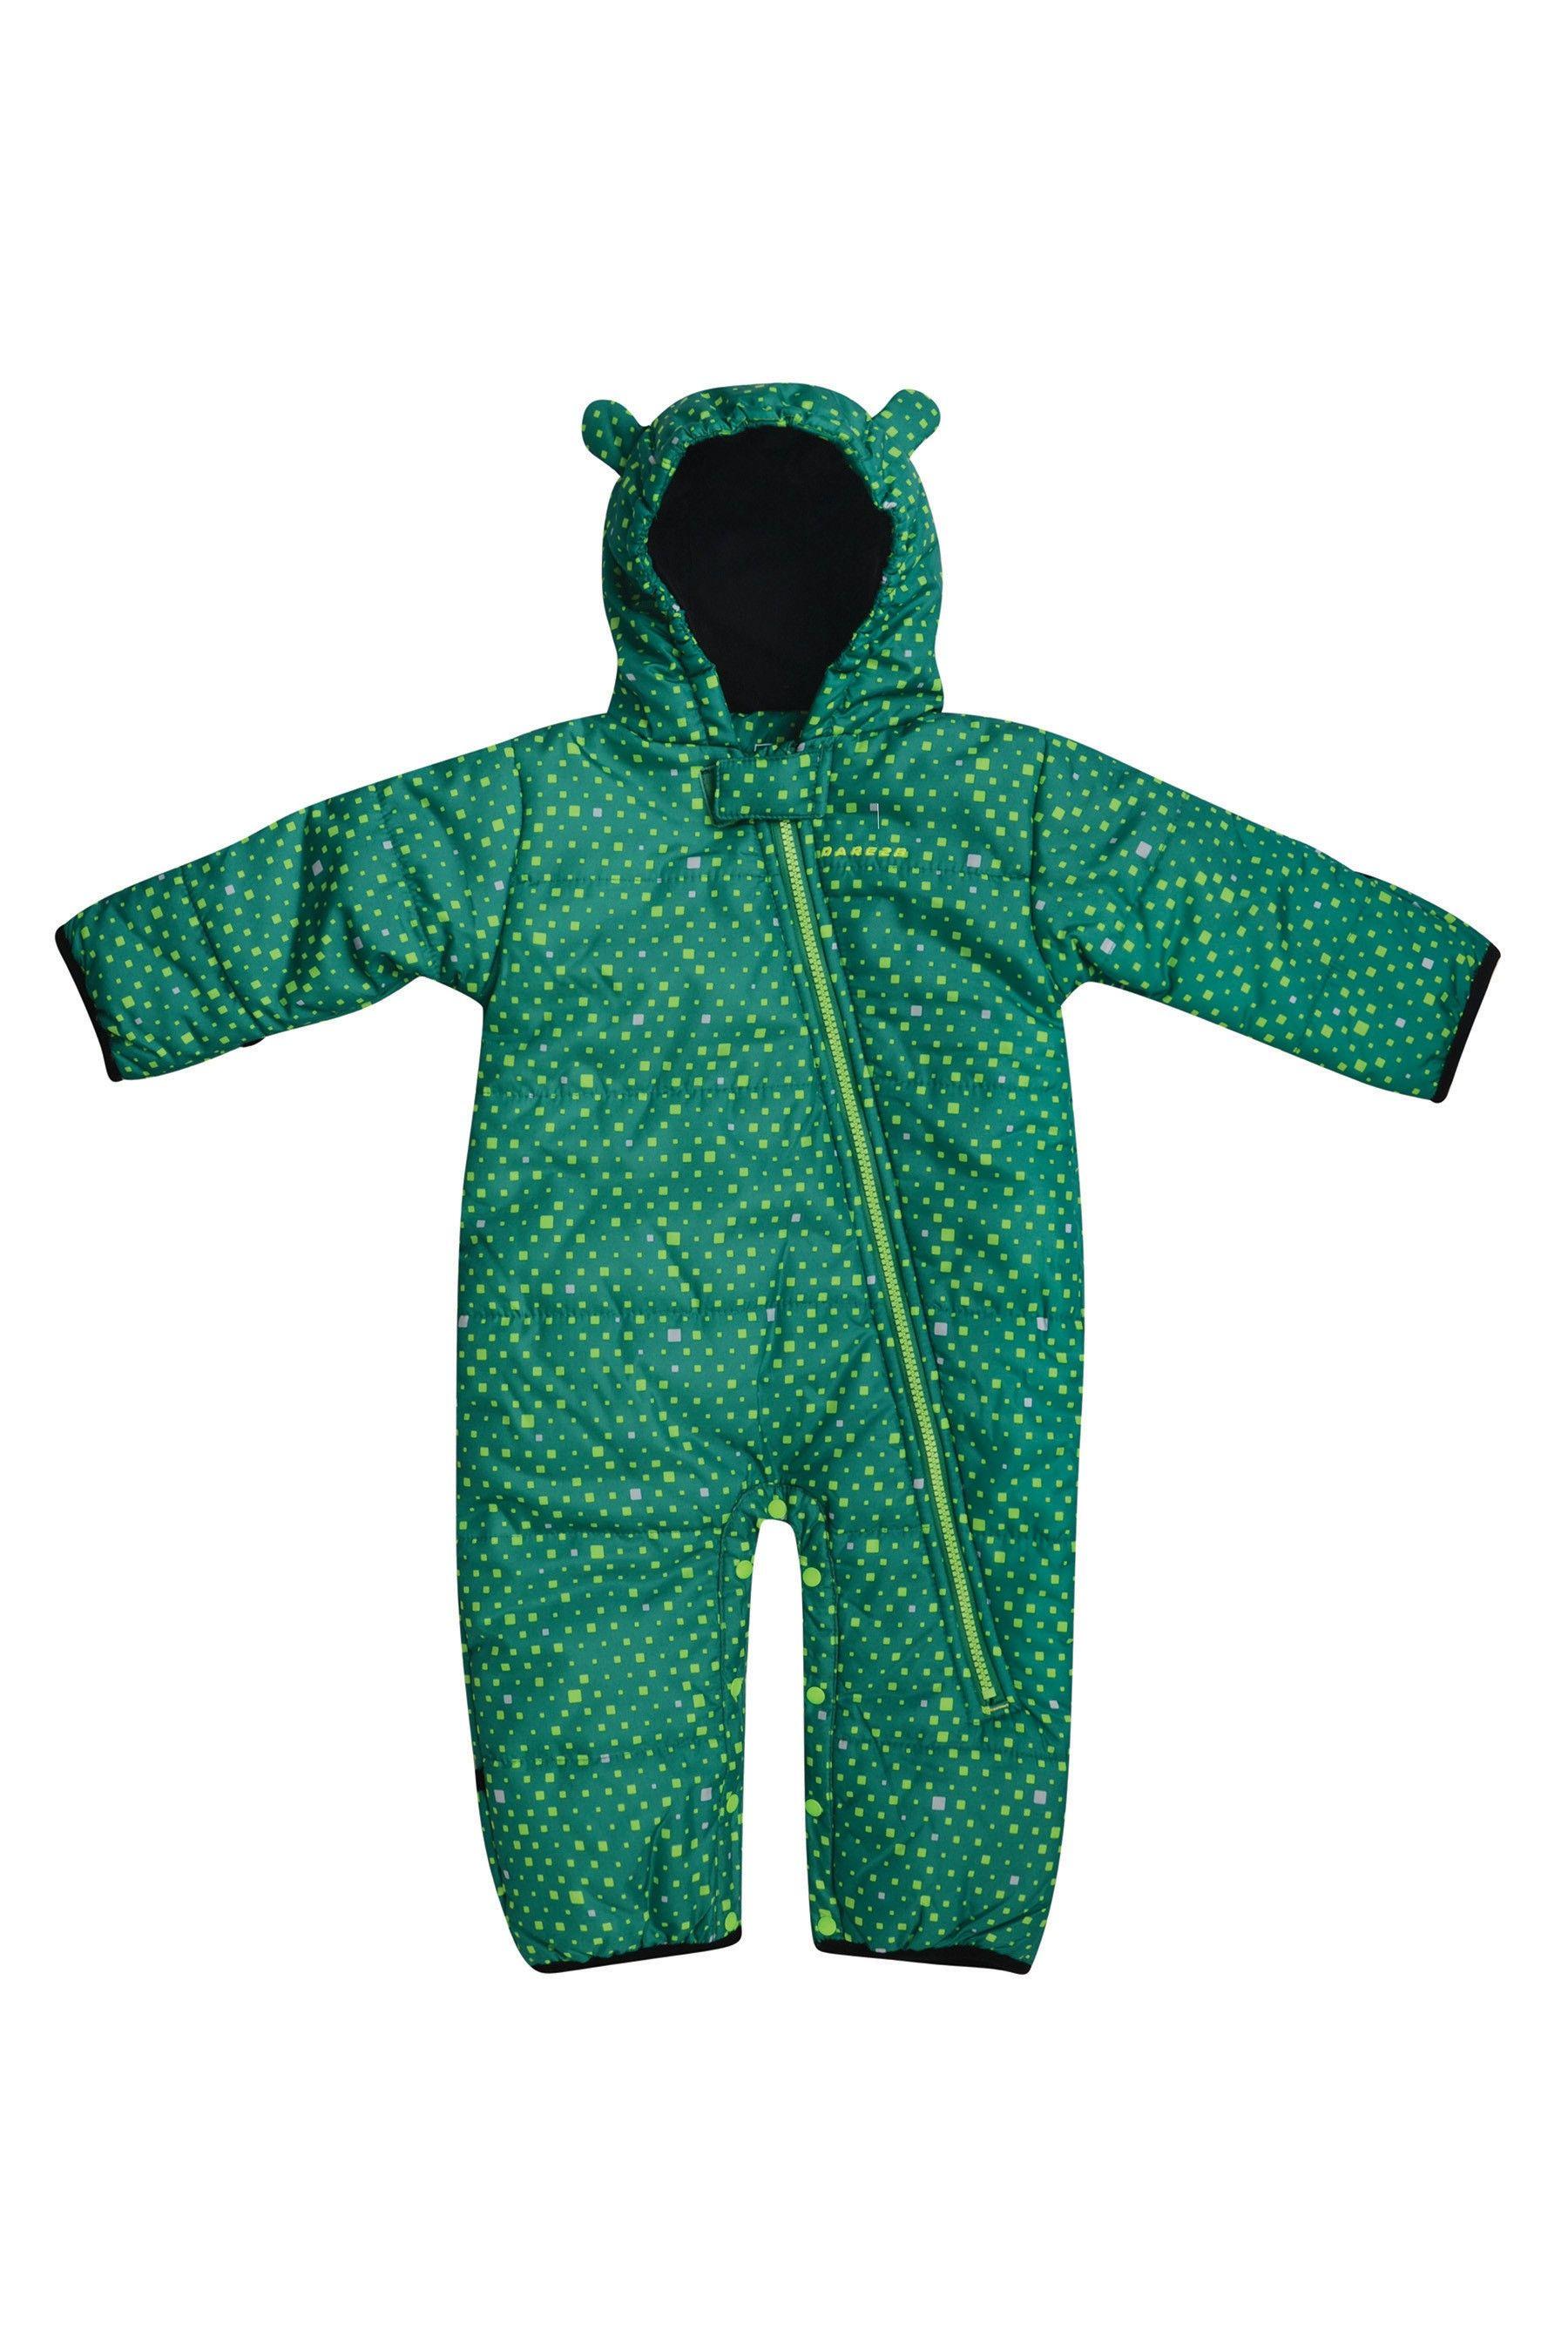 17c9b34878dd Boys Dare 2b Break the Ice All-In-One Waterproof Suit - Green ...